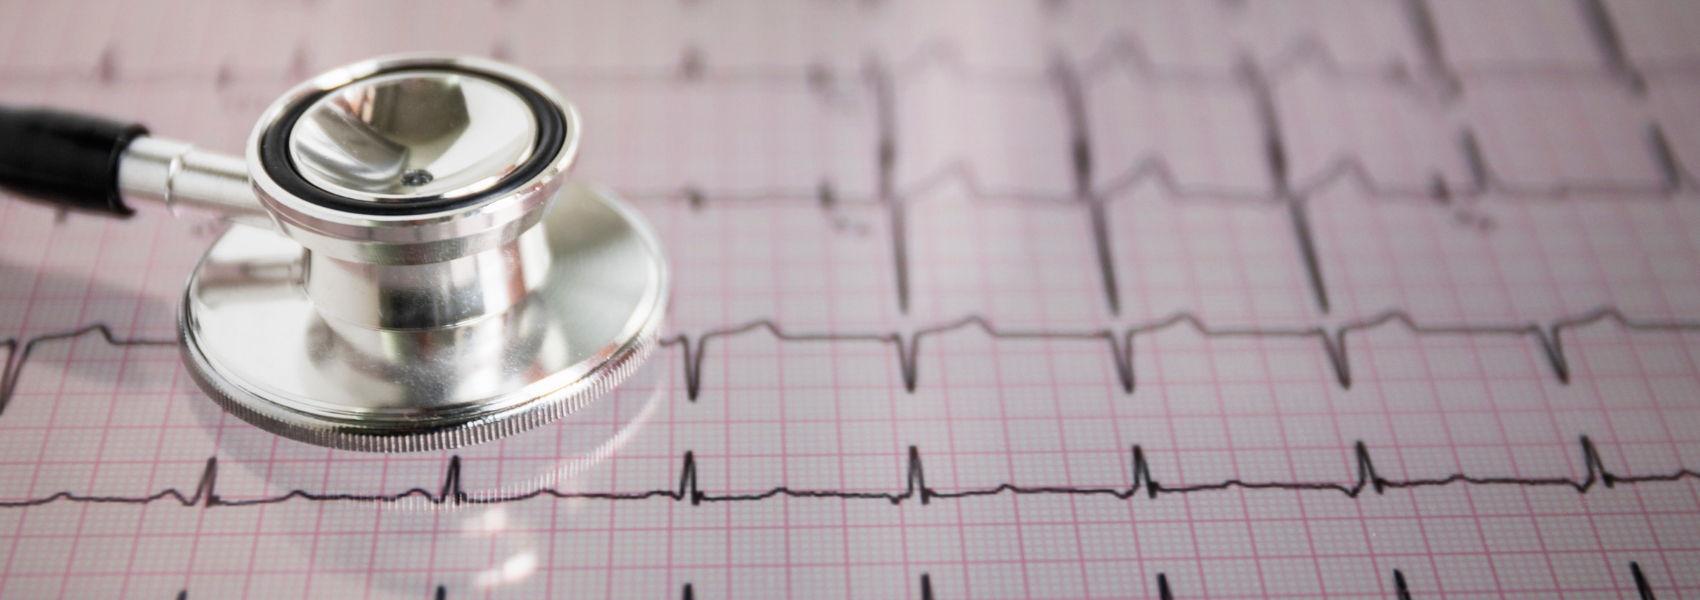 Cientistas criam pacemaker alimentado pela energia do coração